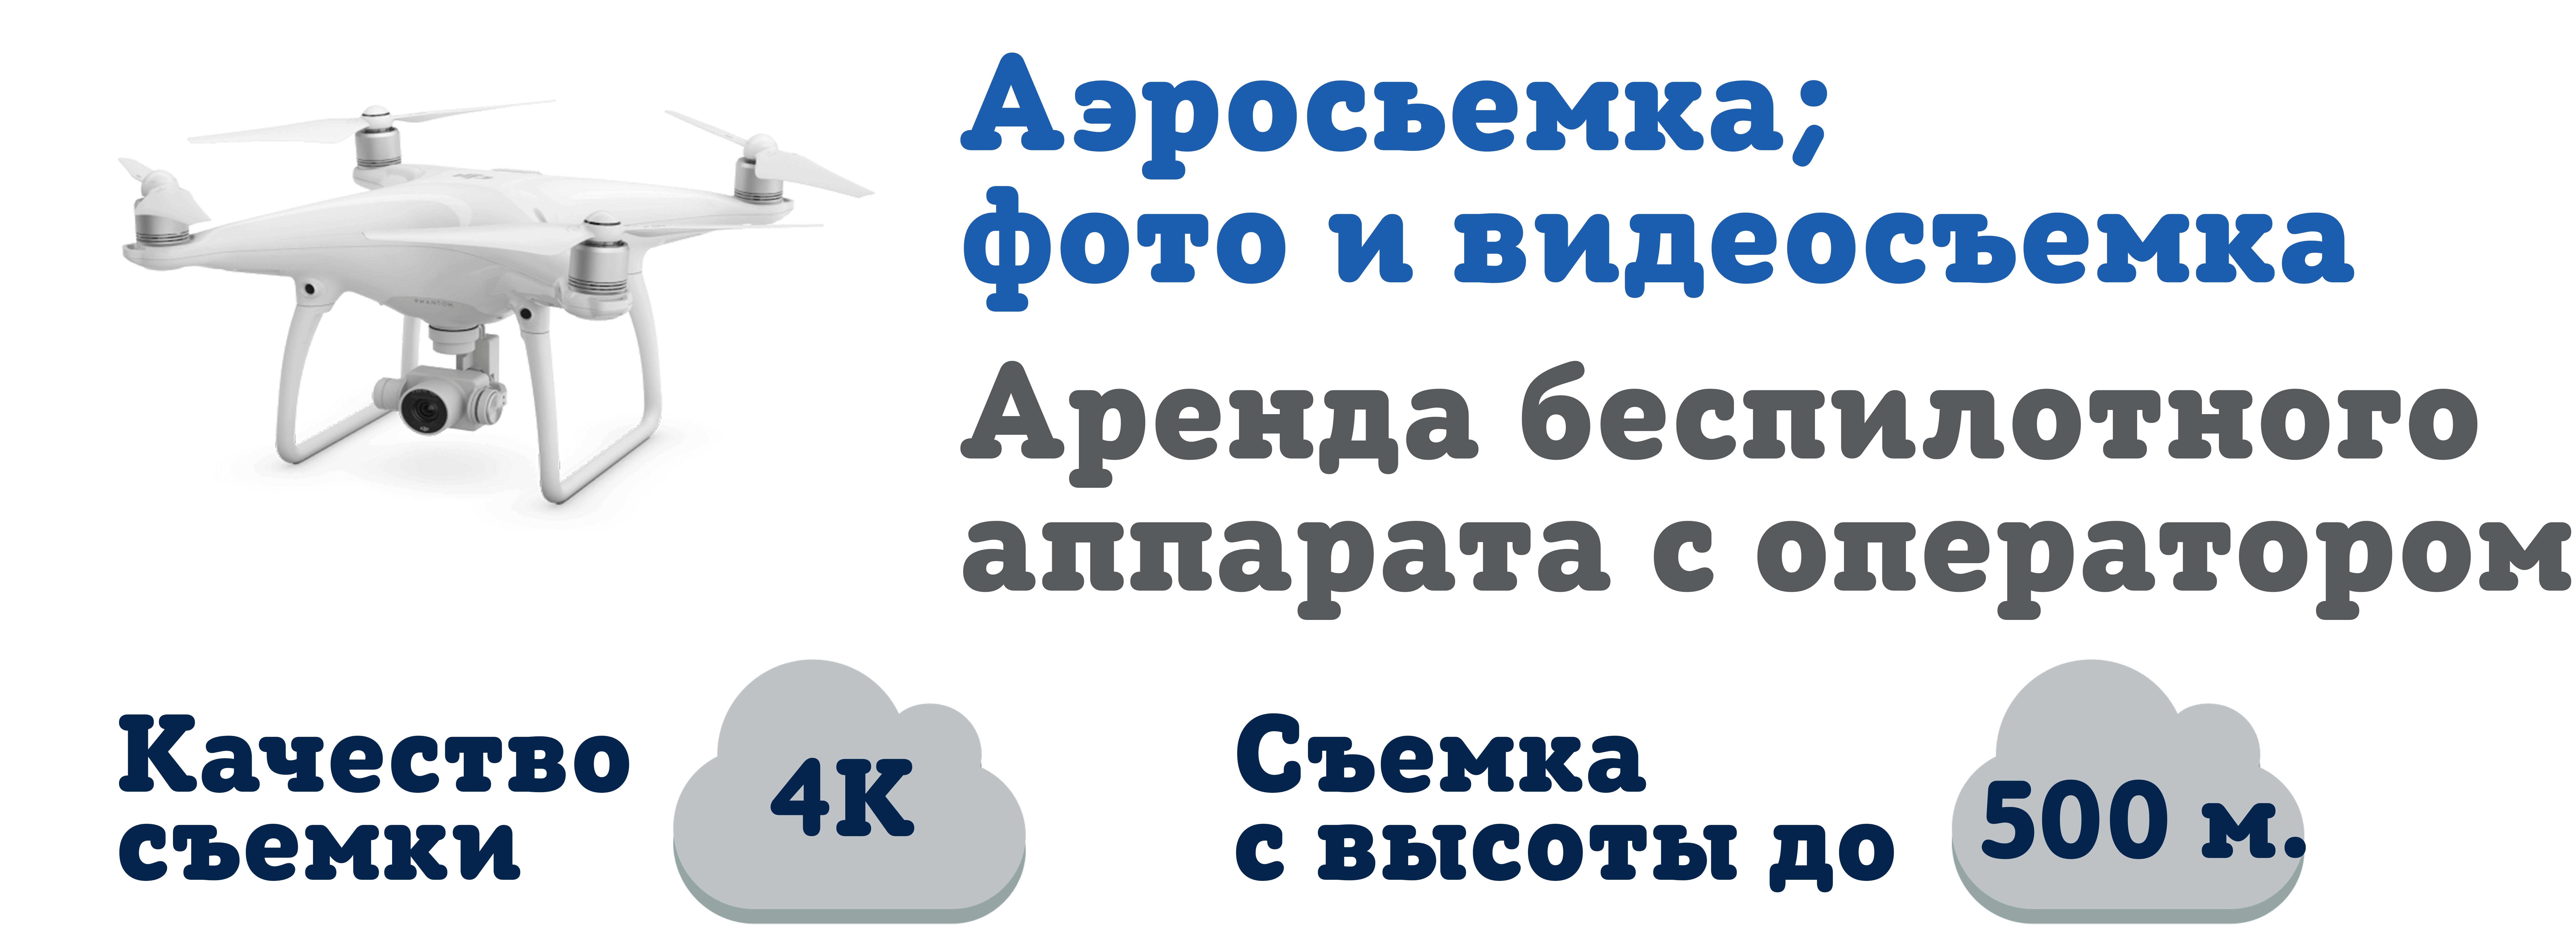 """Аэросъемка в Казани (аренда квадрокоптера) в КЦ """"Горизонт"""""""